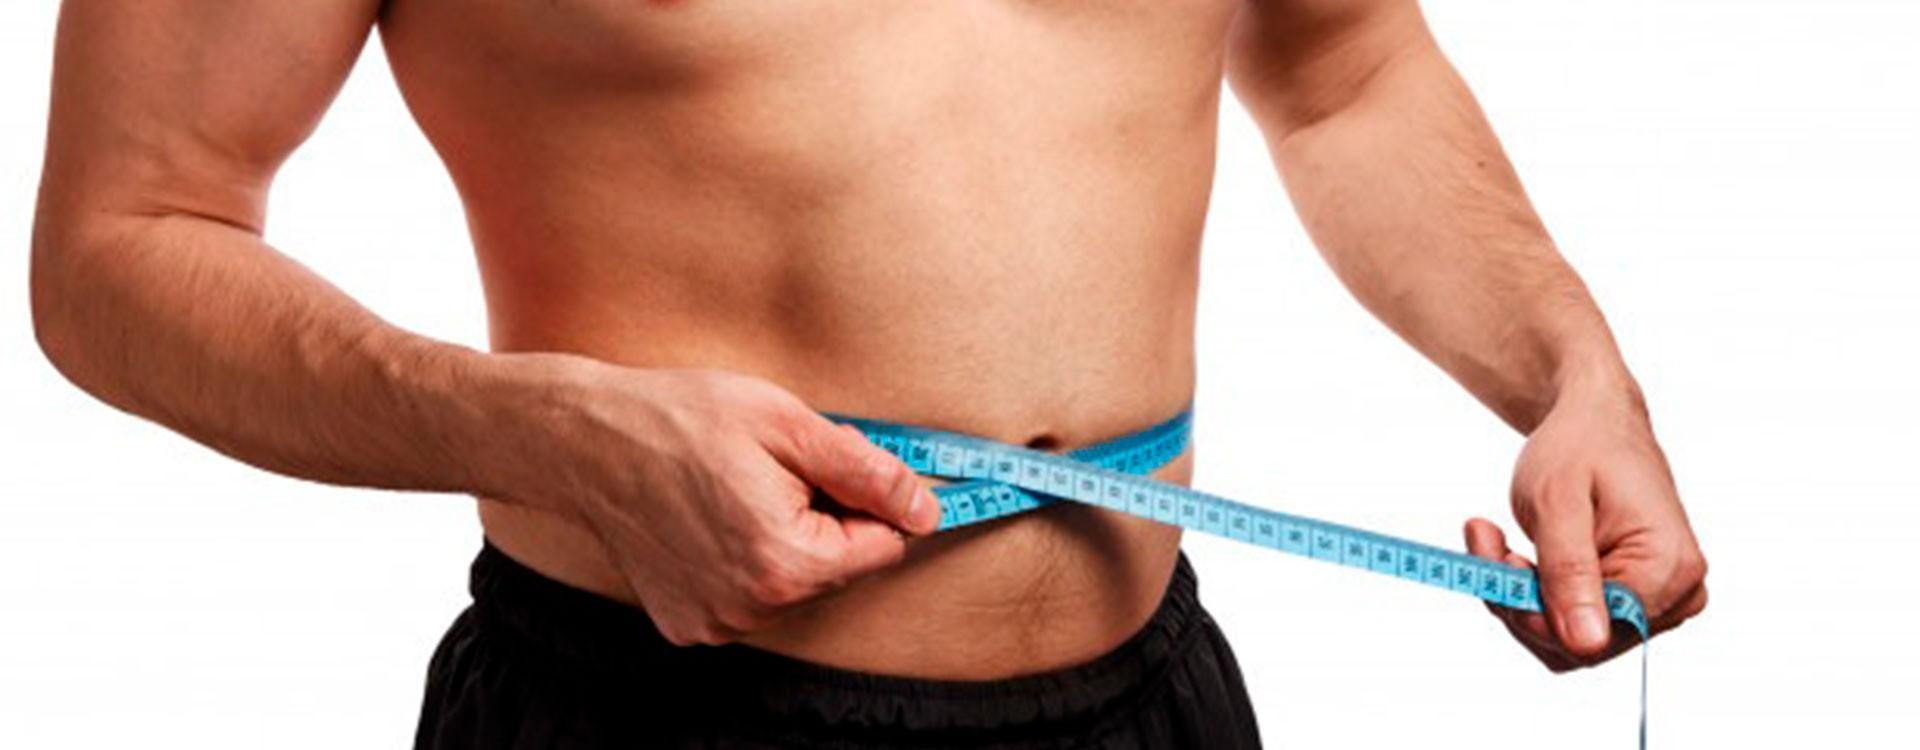 Suplementos para bajar de peso...sin estimulantes